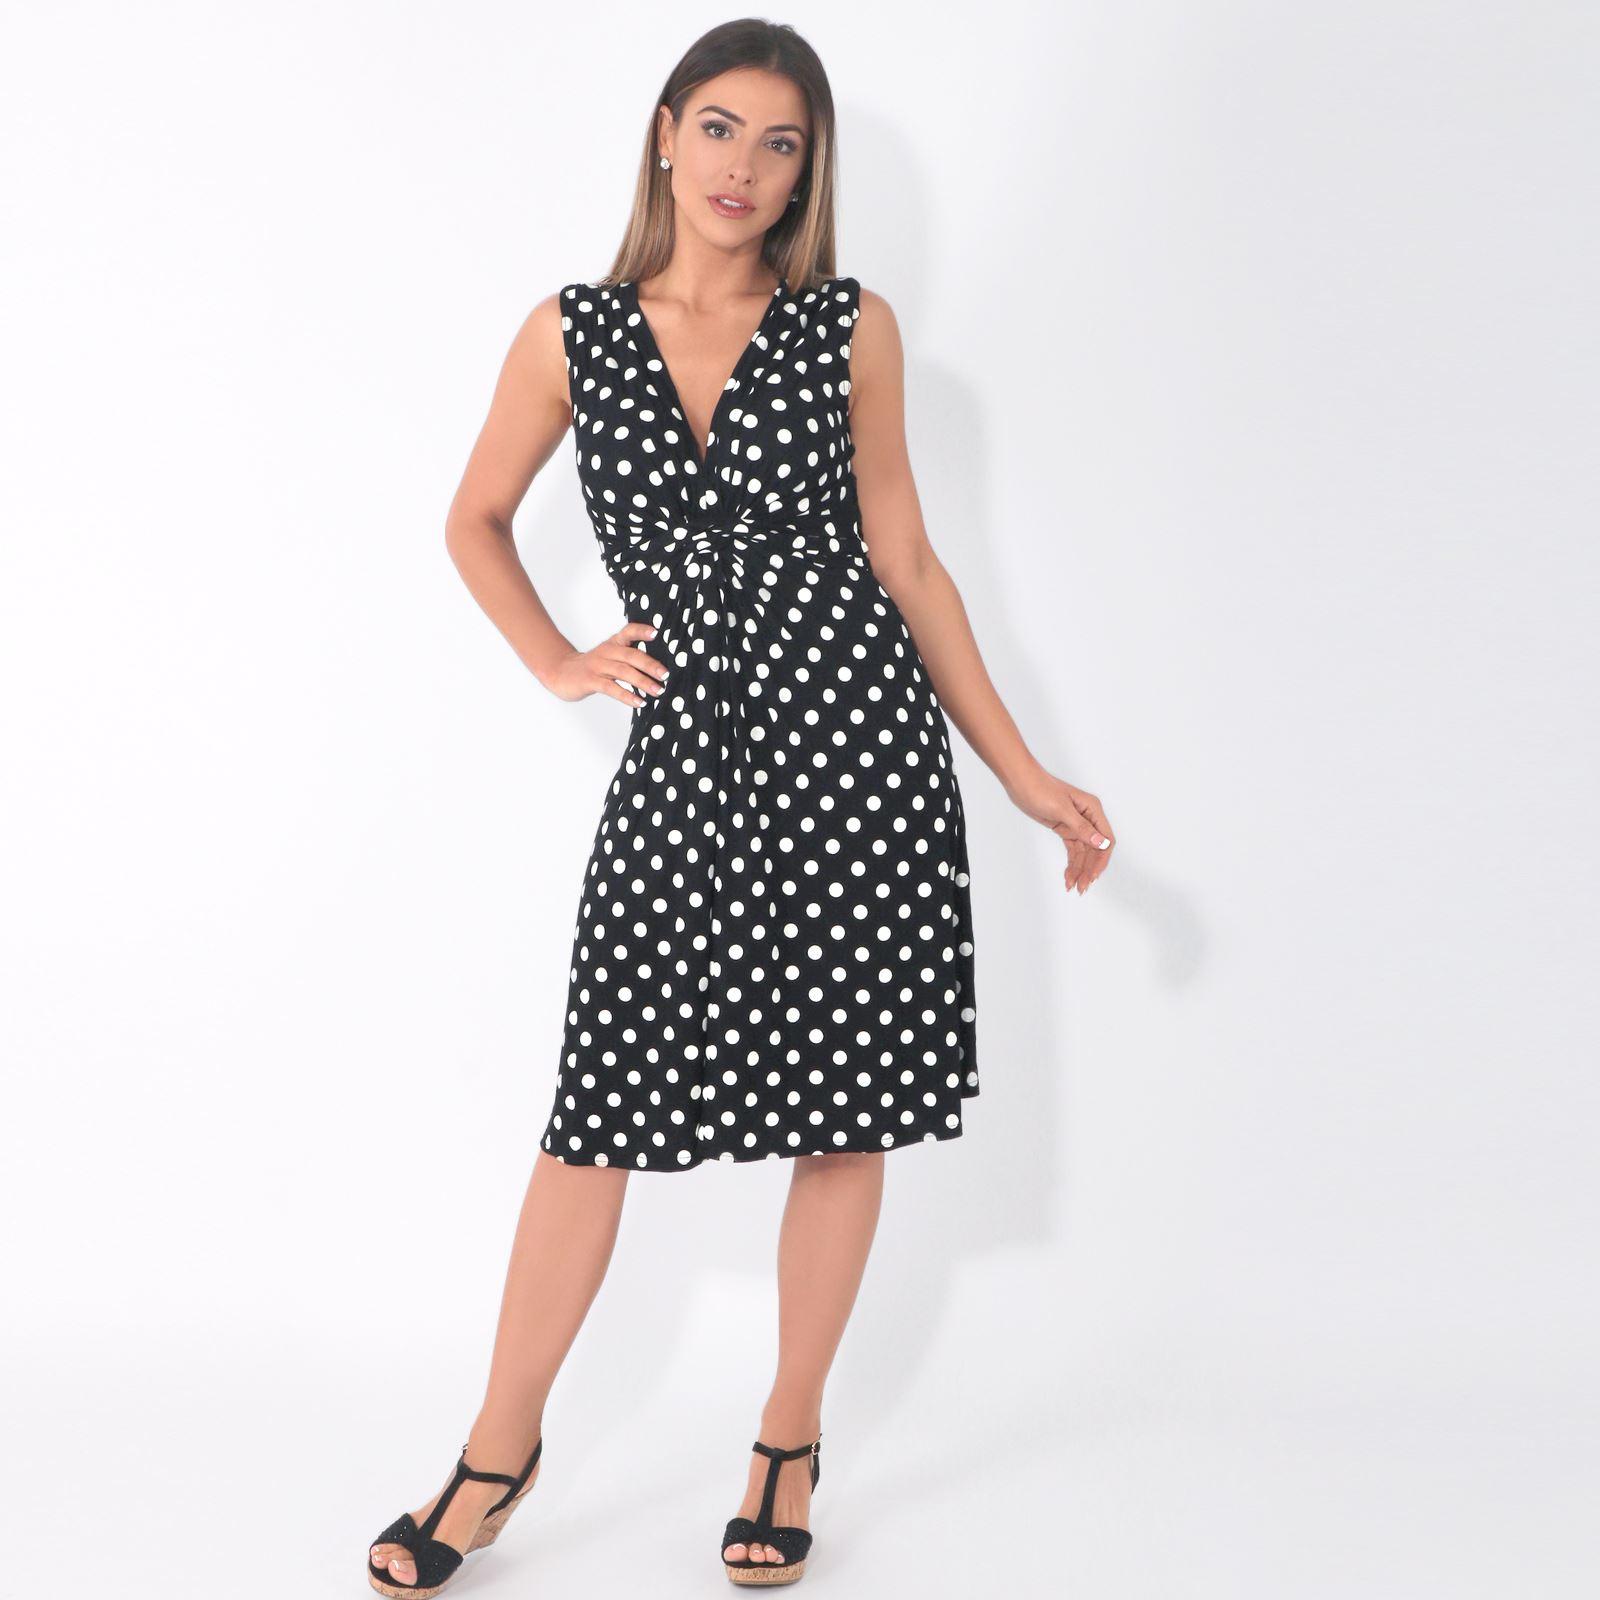 Damen Mini Kleid Mit Punkten Wickelkleid Sommerkleid V